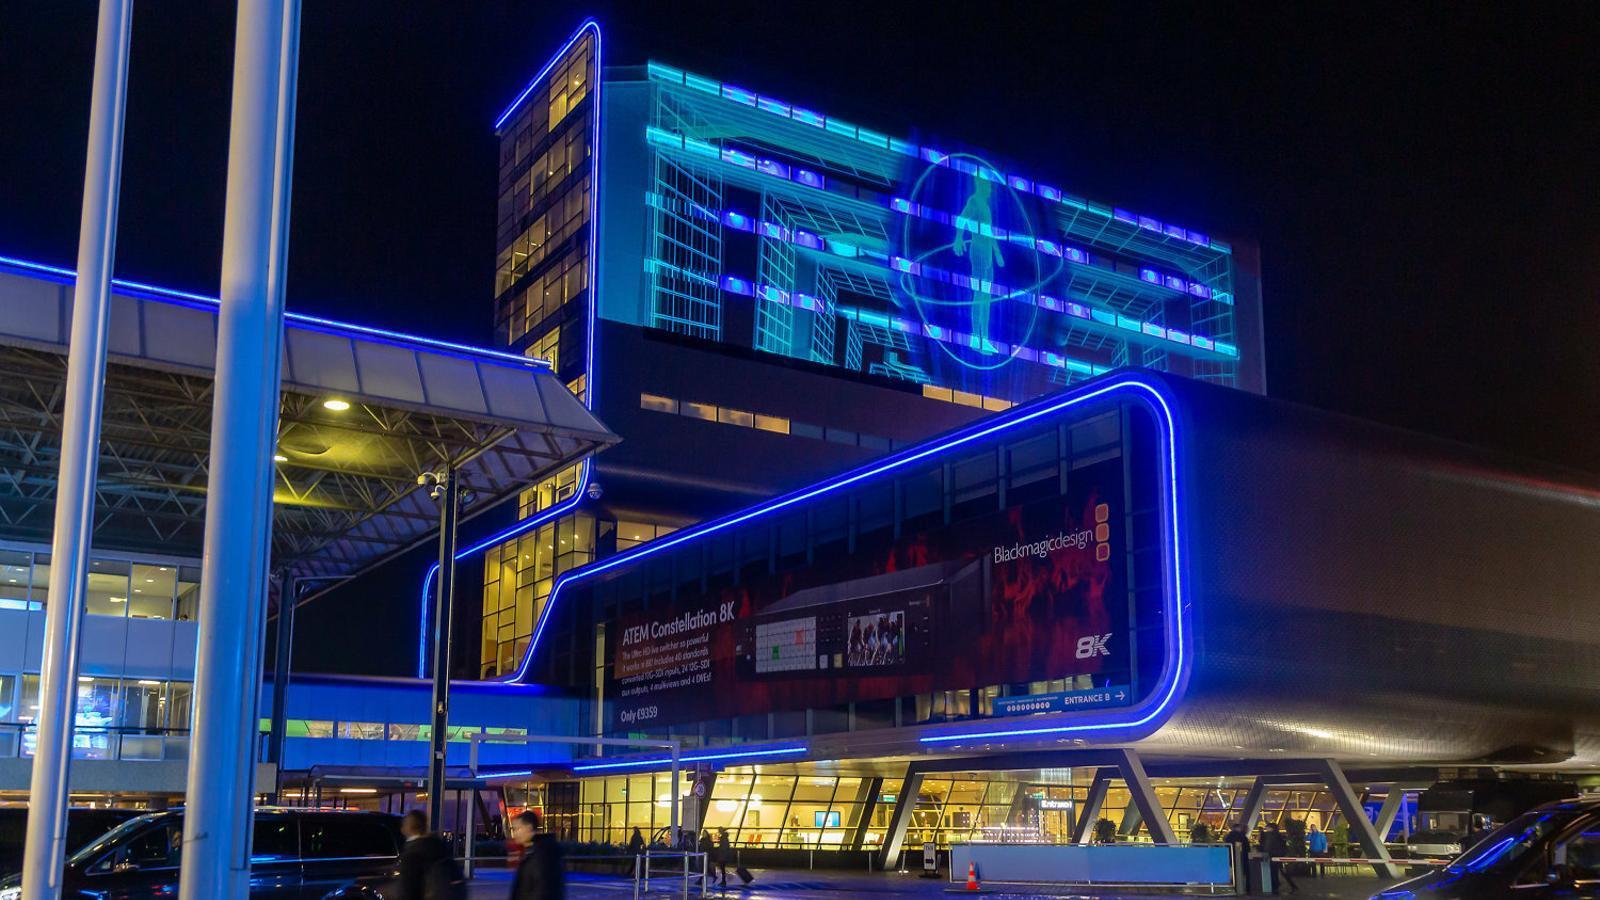 01. La fira es Va celebrar Al centre de convencions RAI d'Amsterdam.